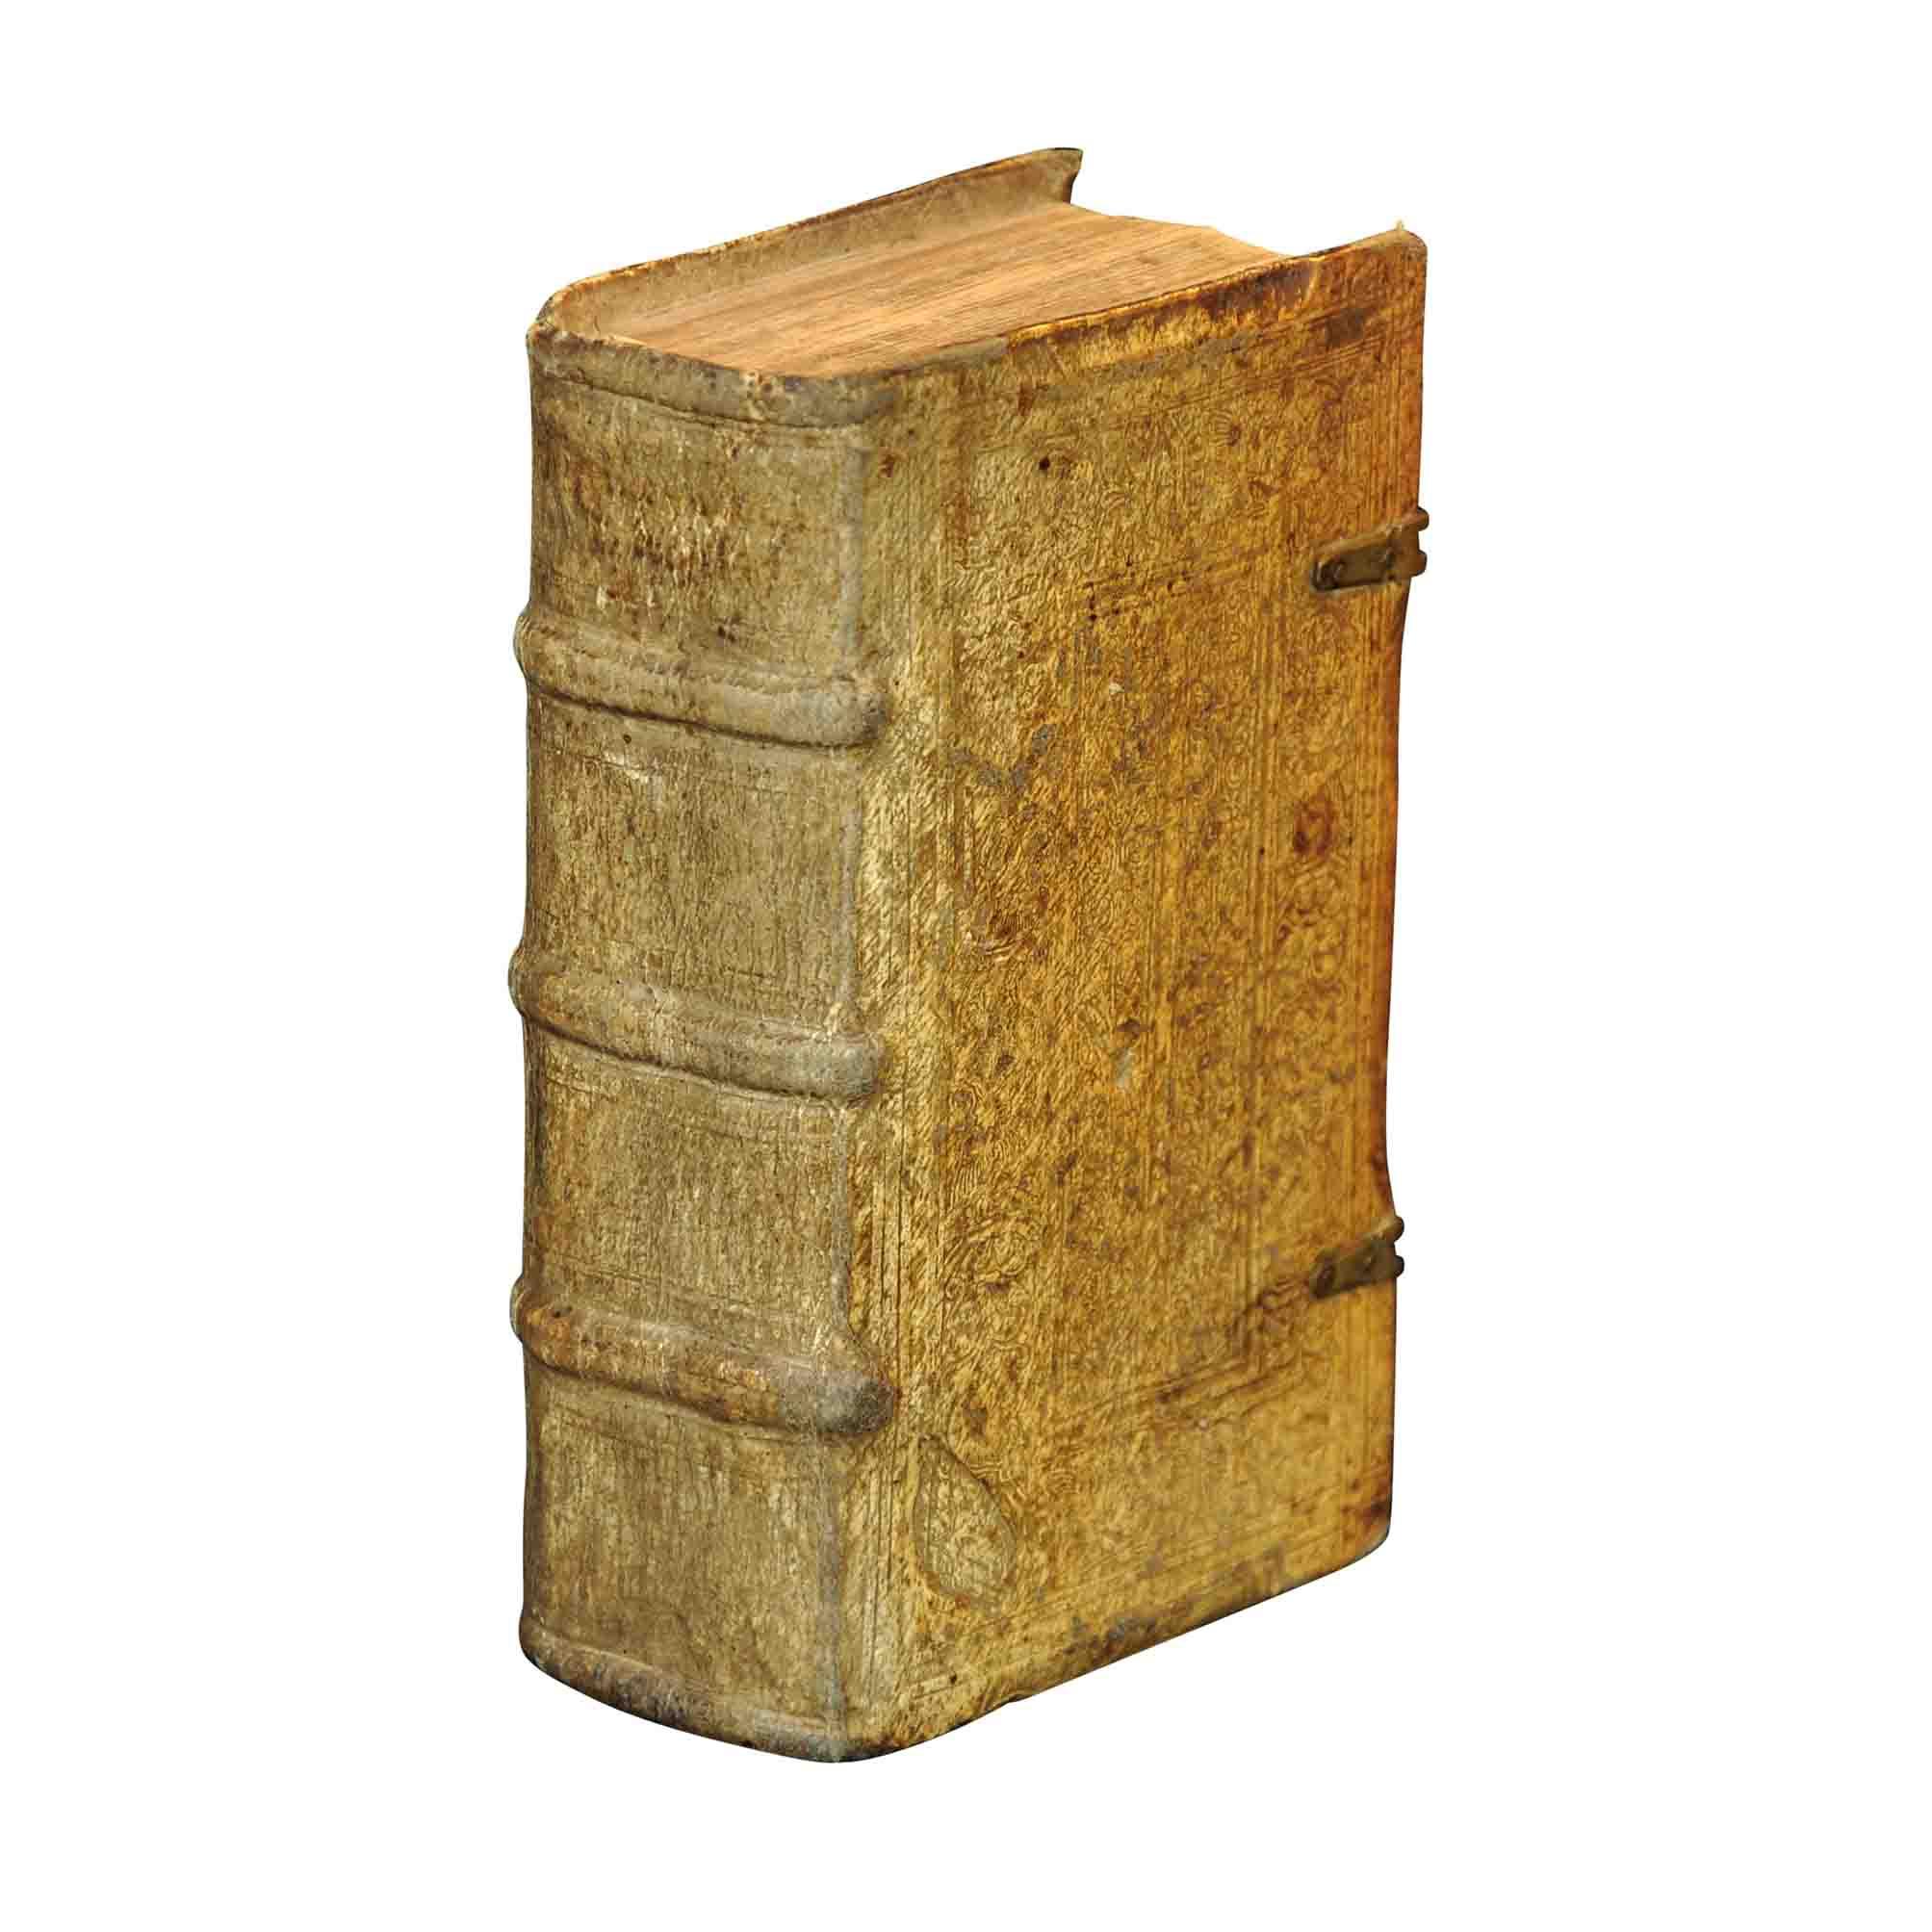 5913K Sammelband Reformation Wittenberg Mathematik Astronomie Musik 1538 1548 Einband Ruecken frei A N